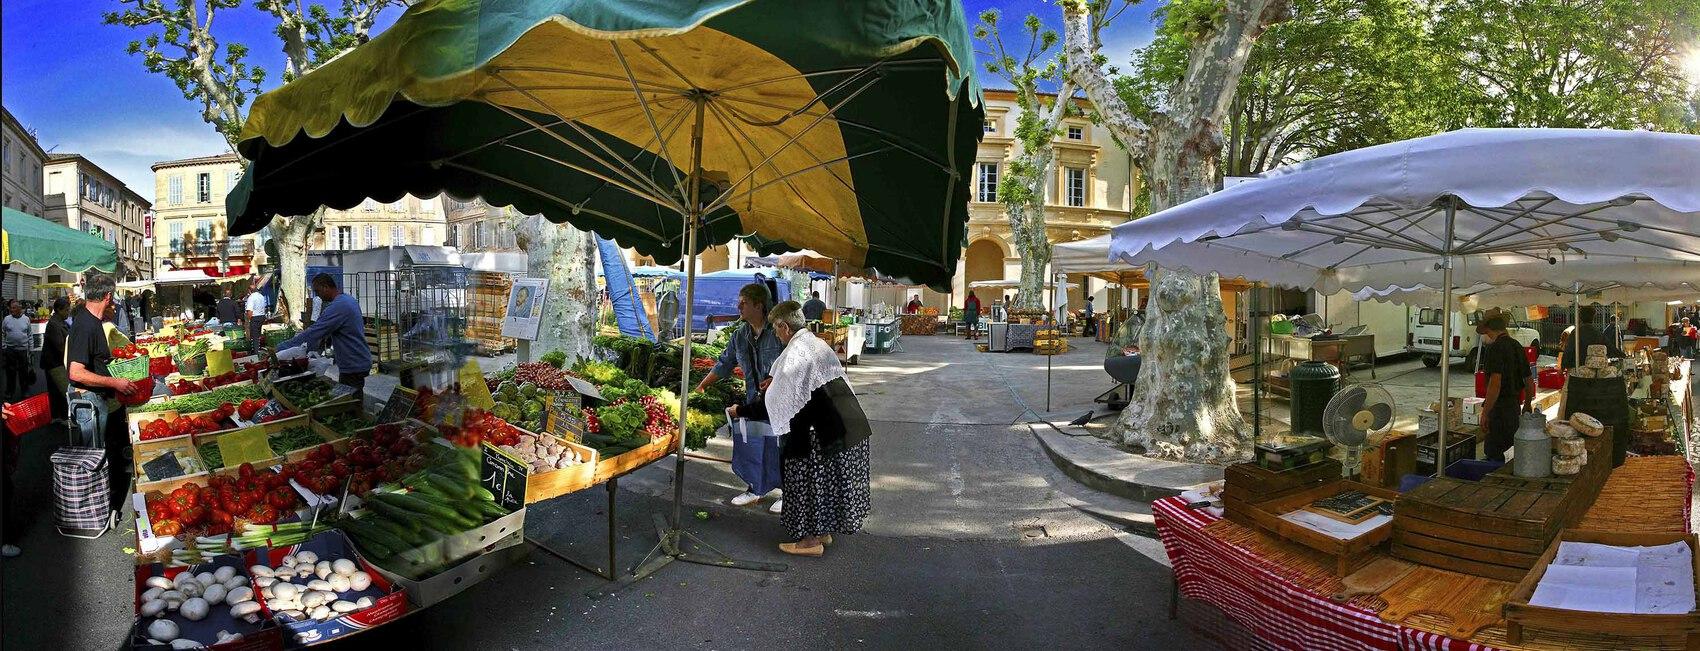 Le marché St Rémois - Le fichier 20€ - Tirages tous formats voir mon site sur mon profil